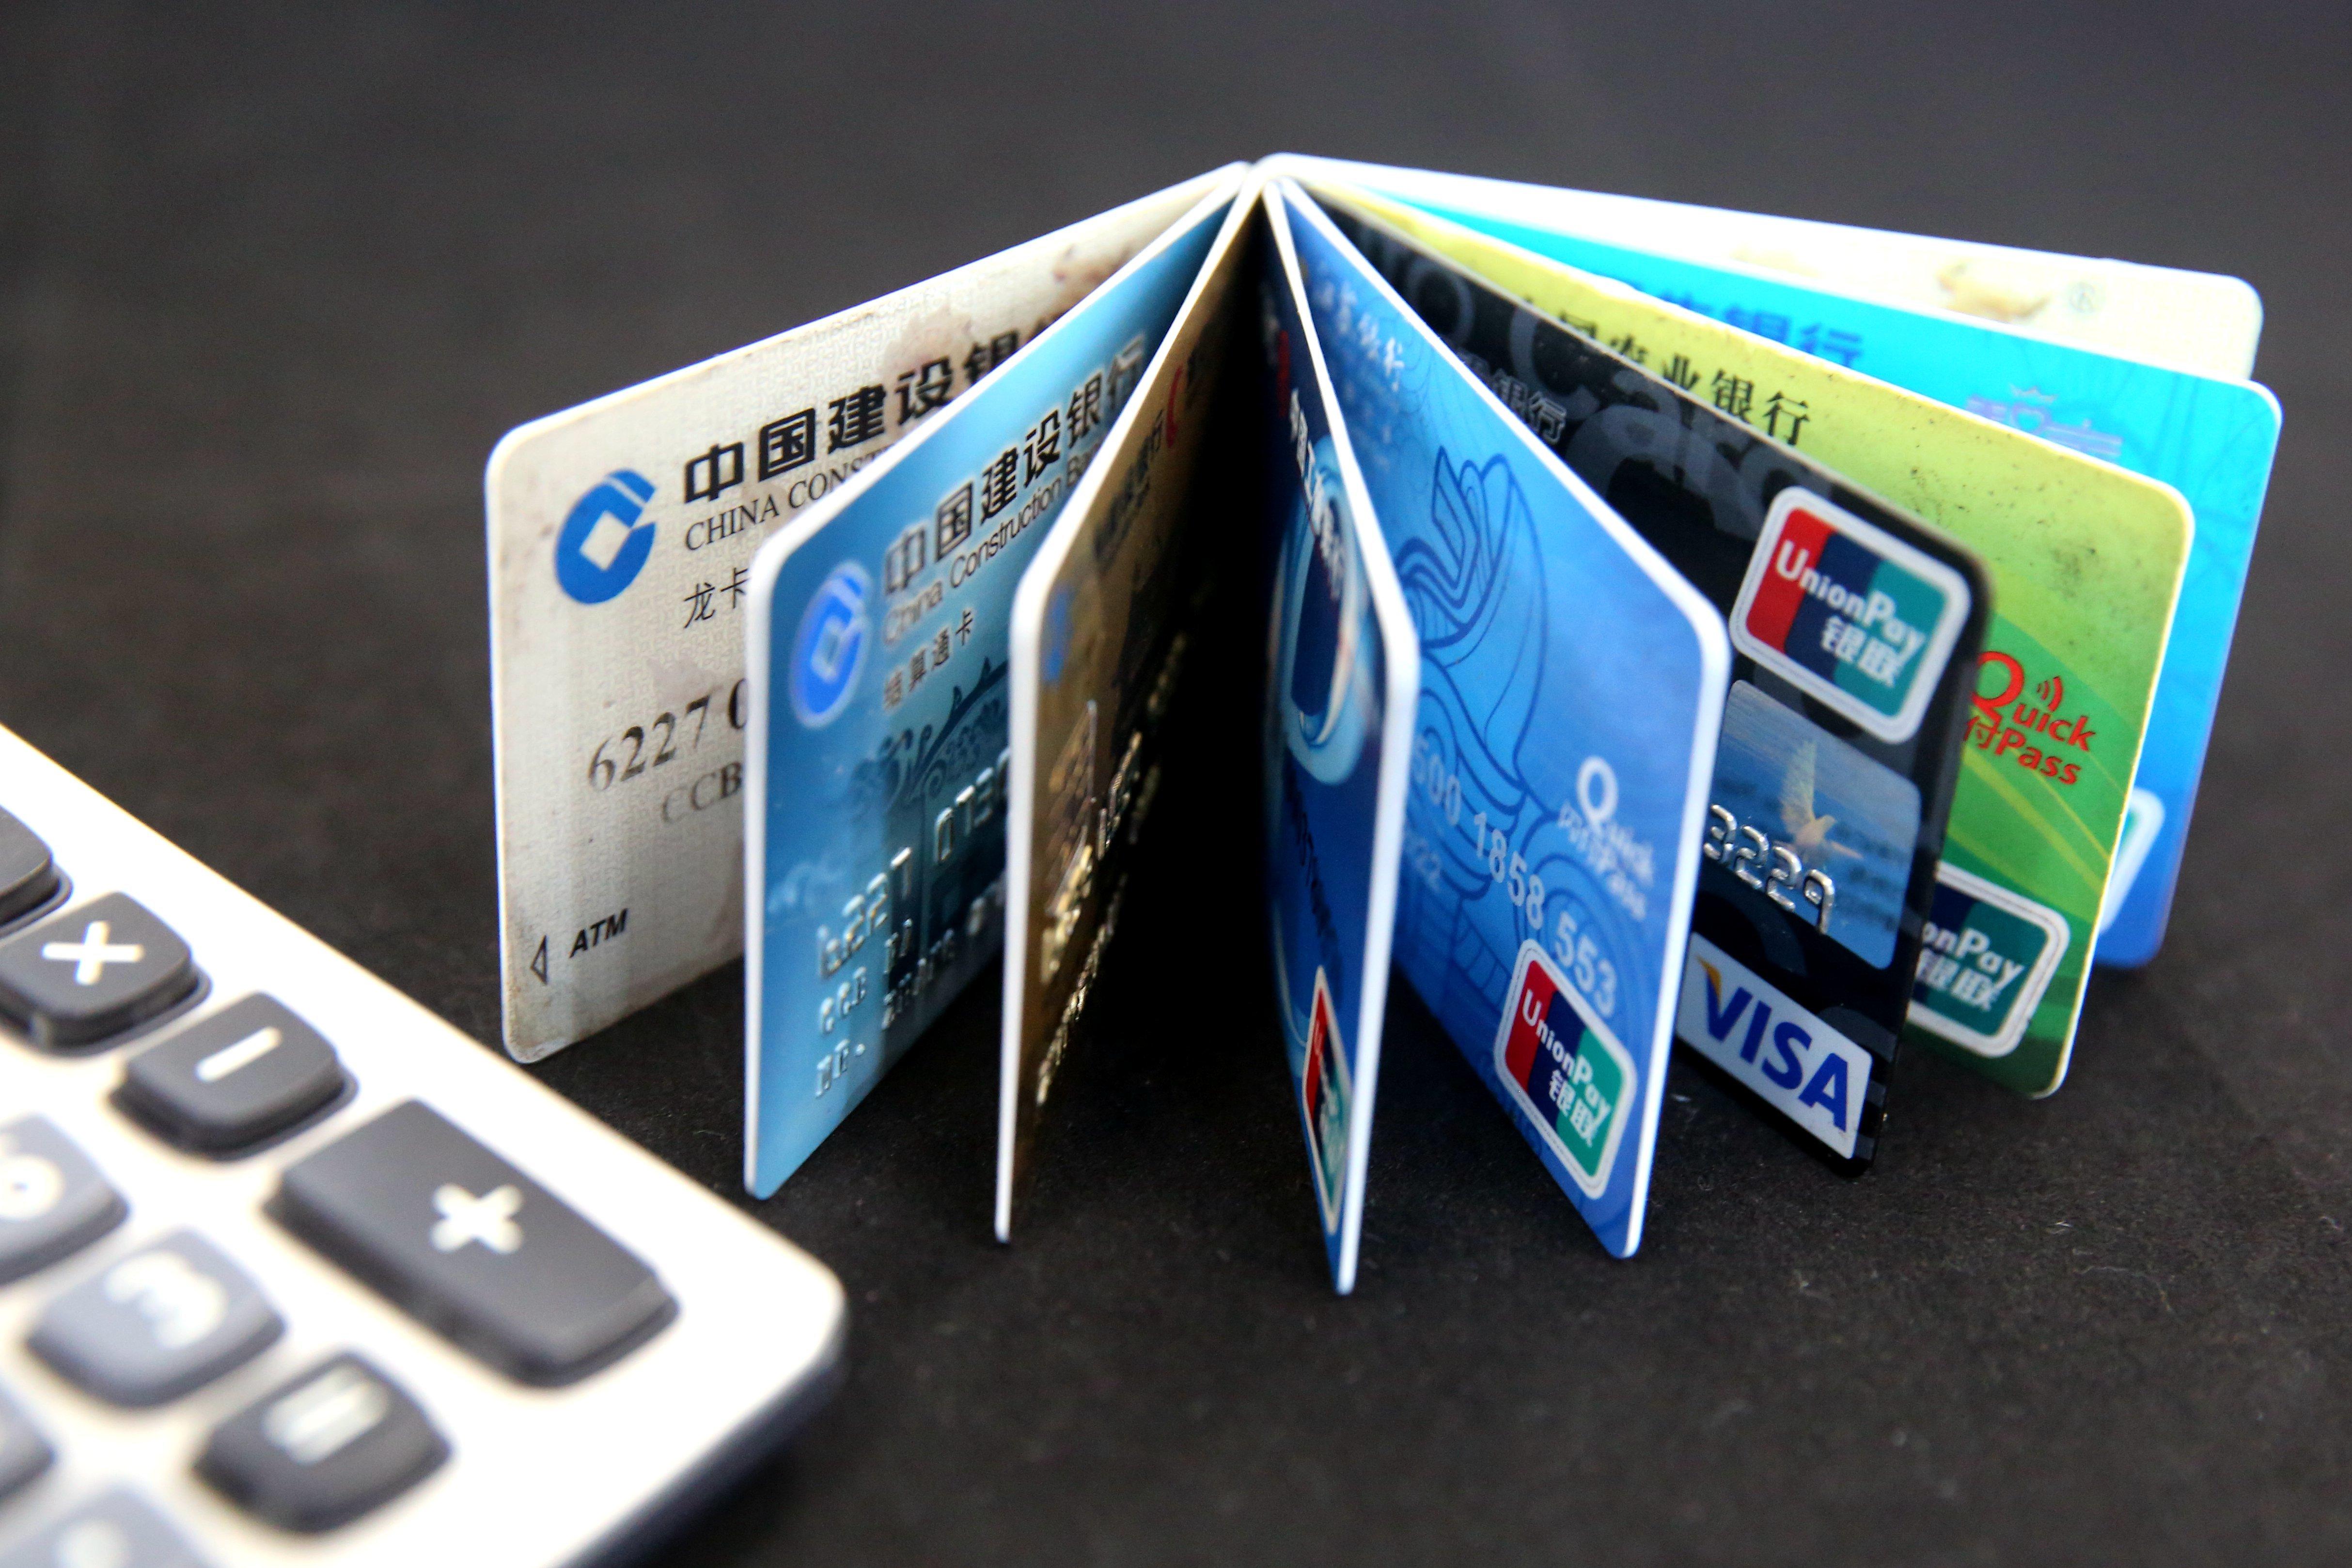 """〖貴金屬定義〗信用卡逾期,被拉入""""黑名單"""",教你三招輕松解決!"""